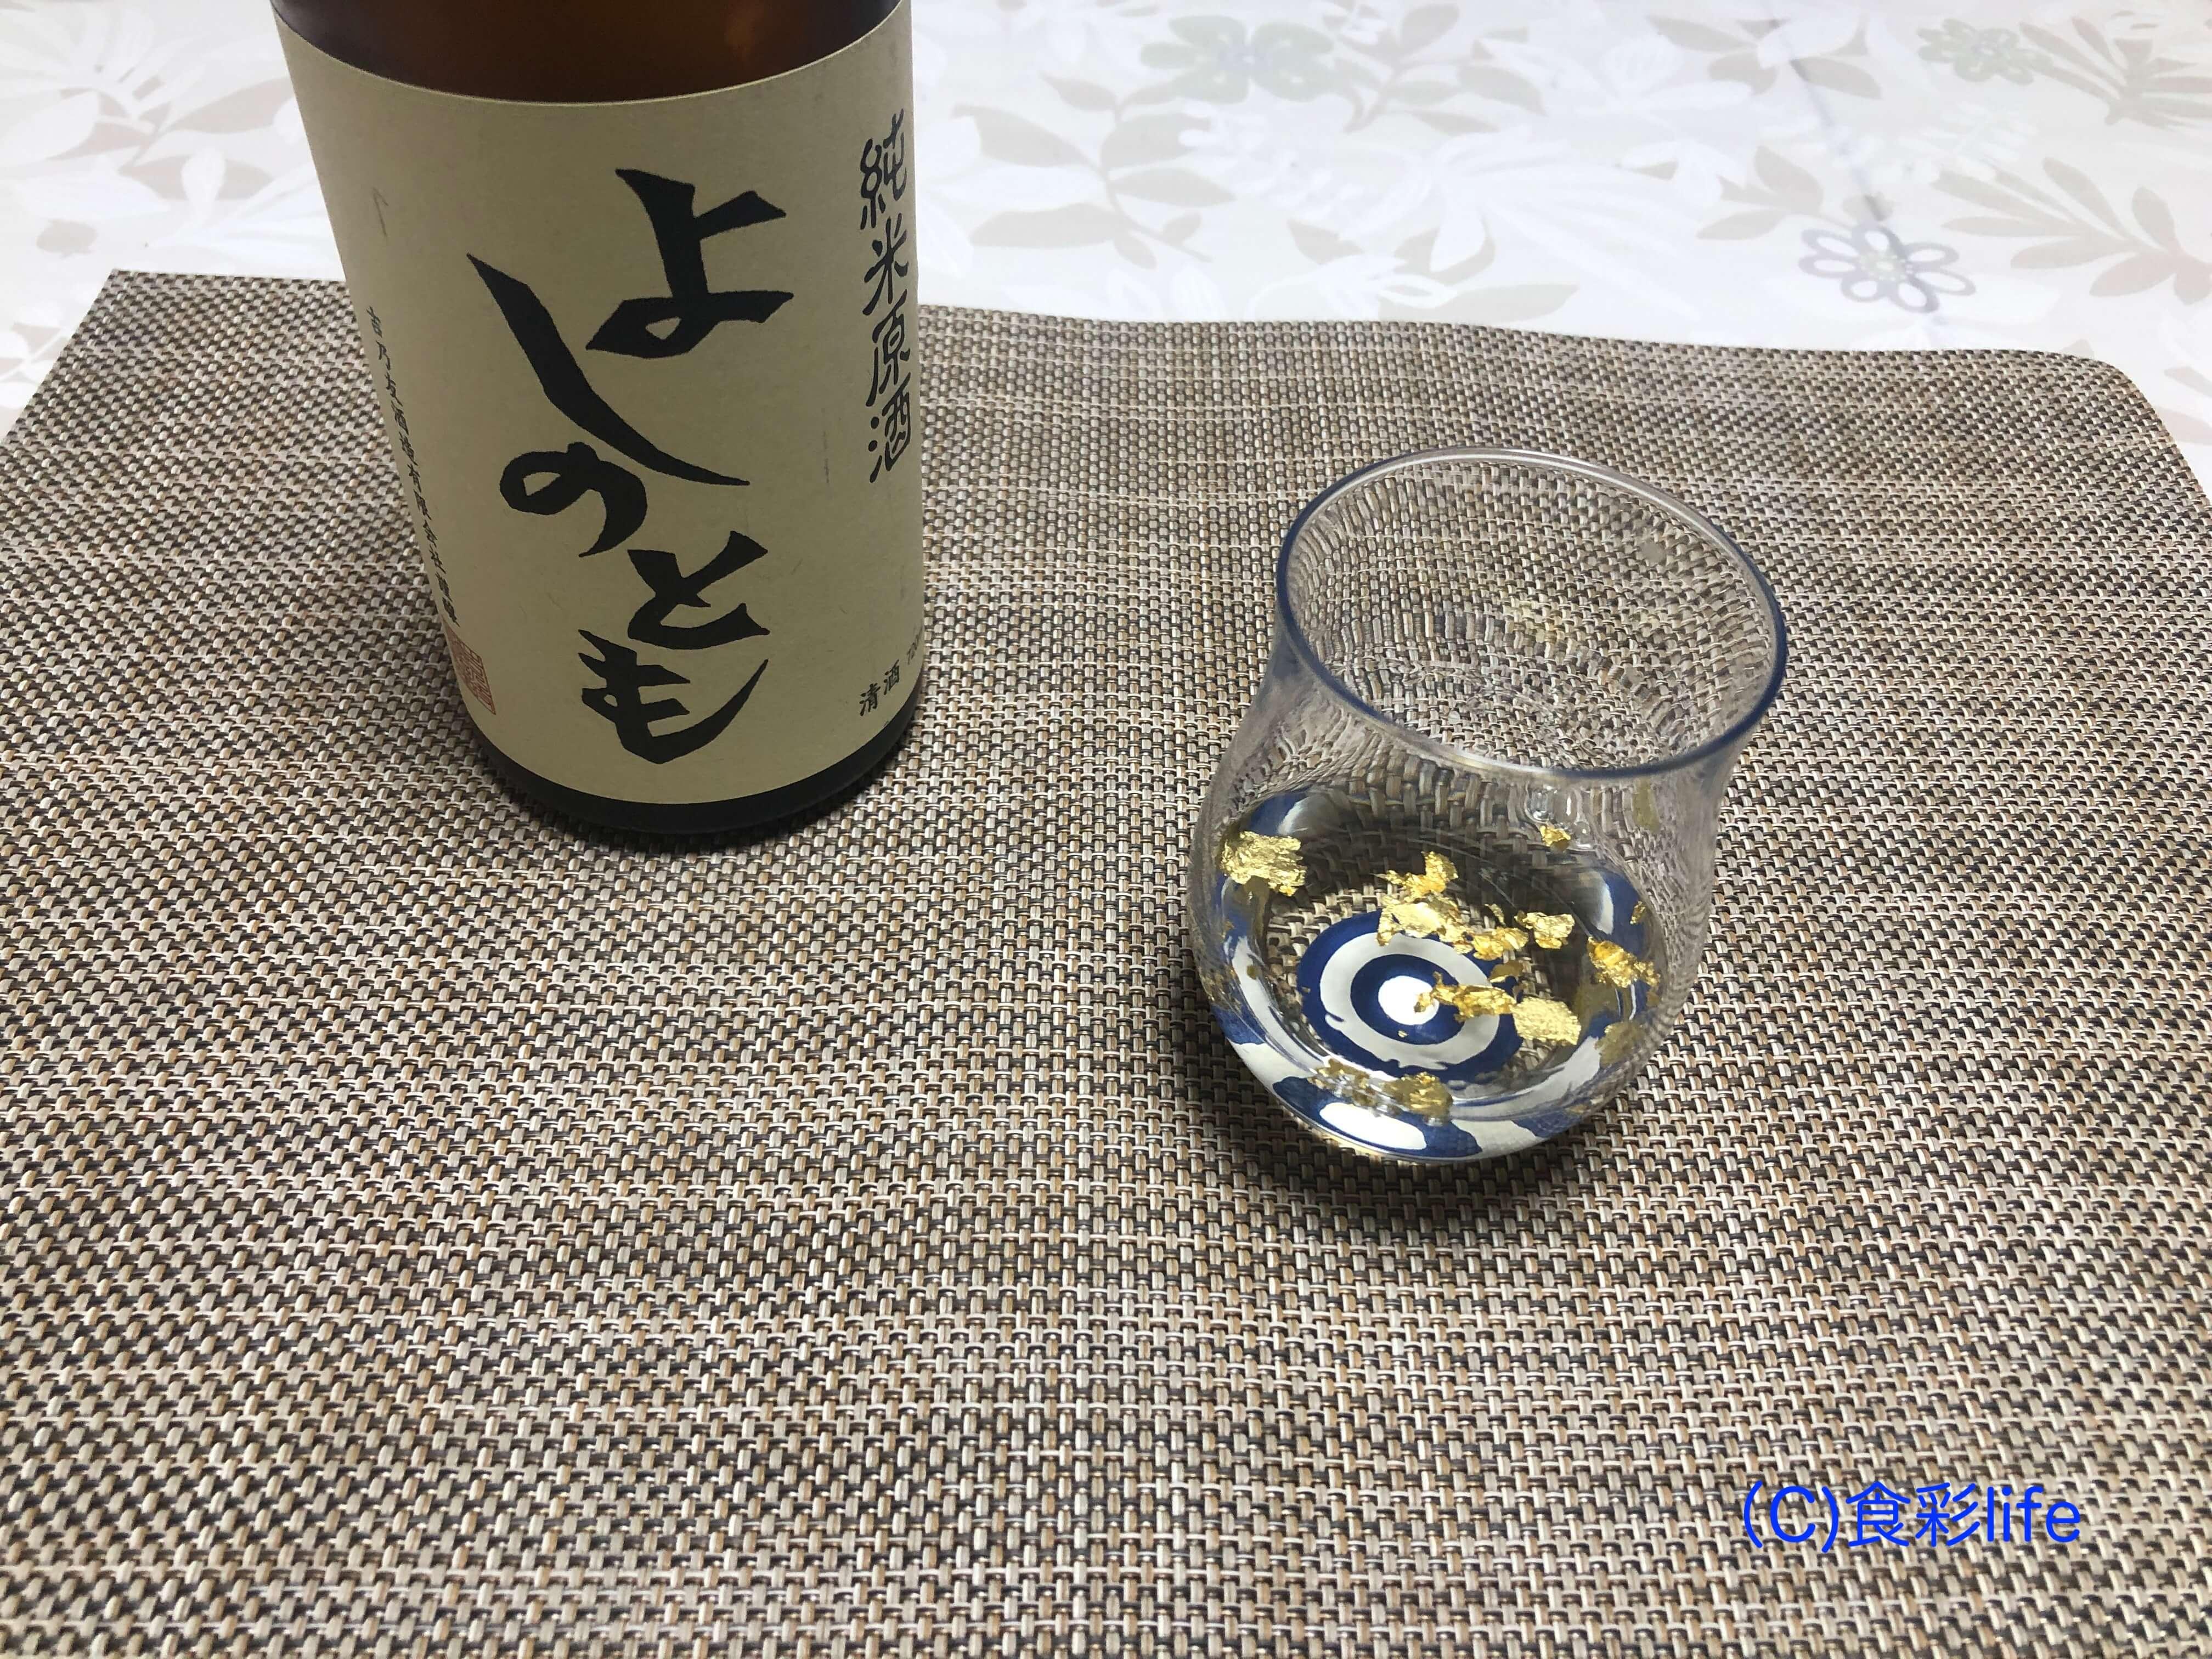 金箔 saketaku よしのとも 純米原酒③